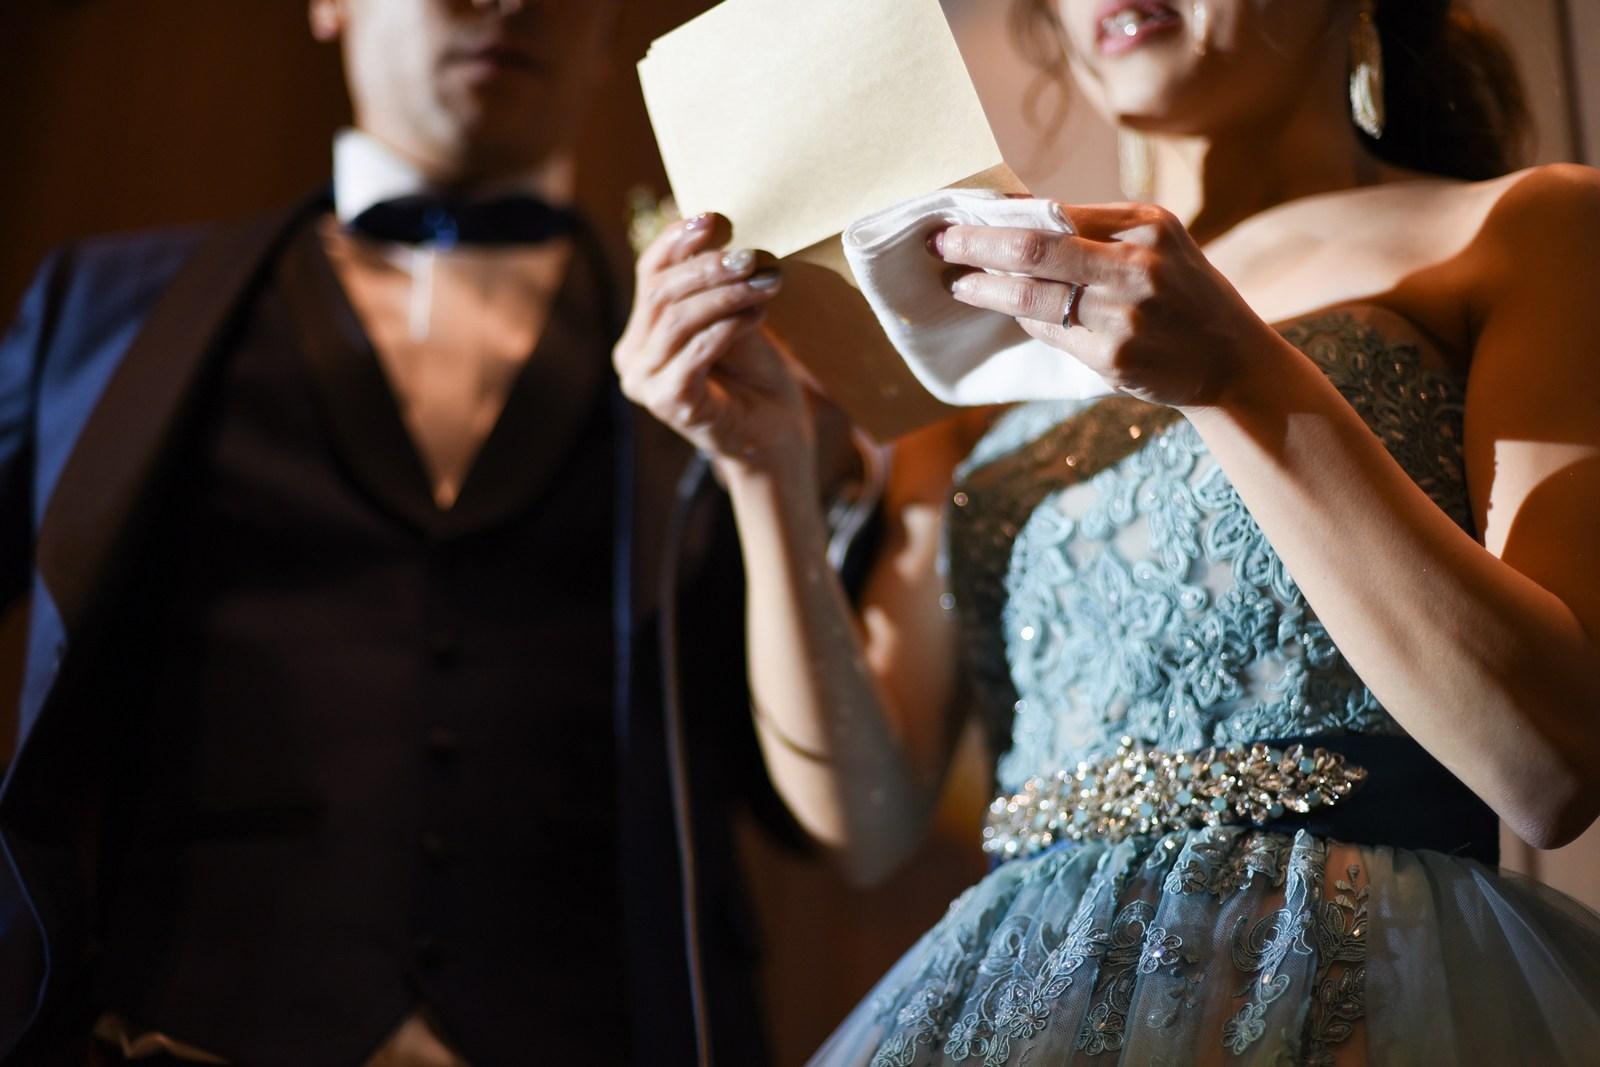 香川県高松市の結婚式場アナザースタイルで手紙を読む新婦